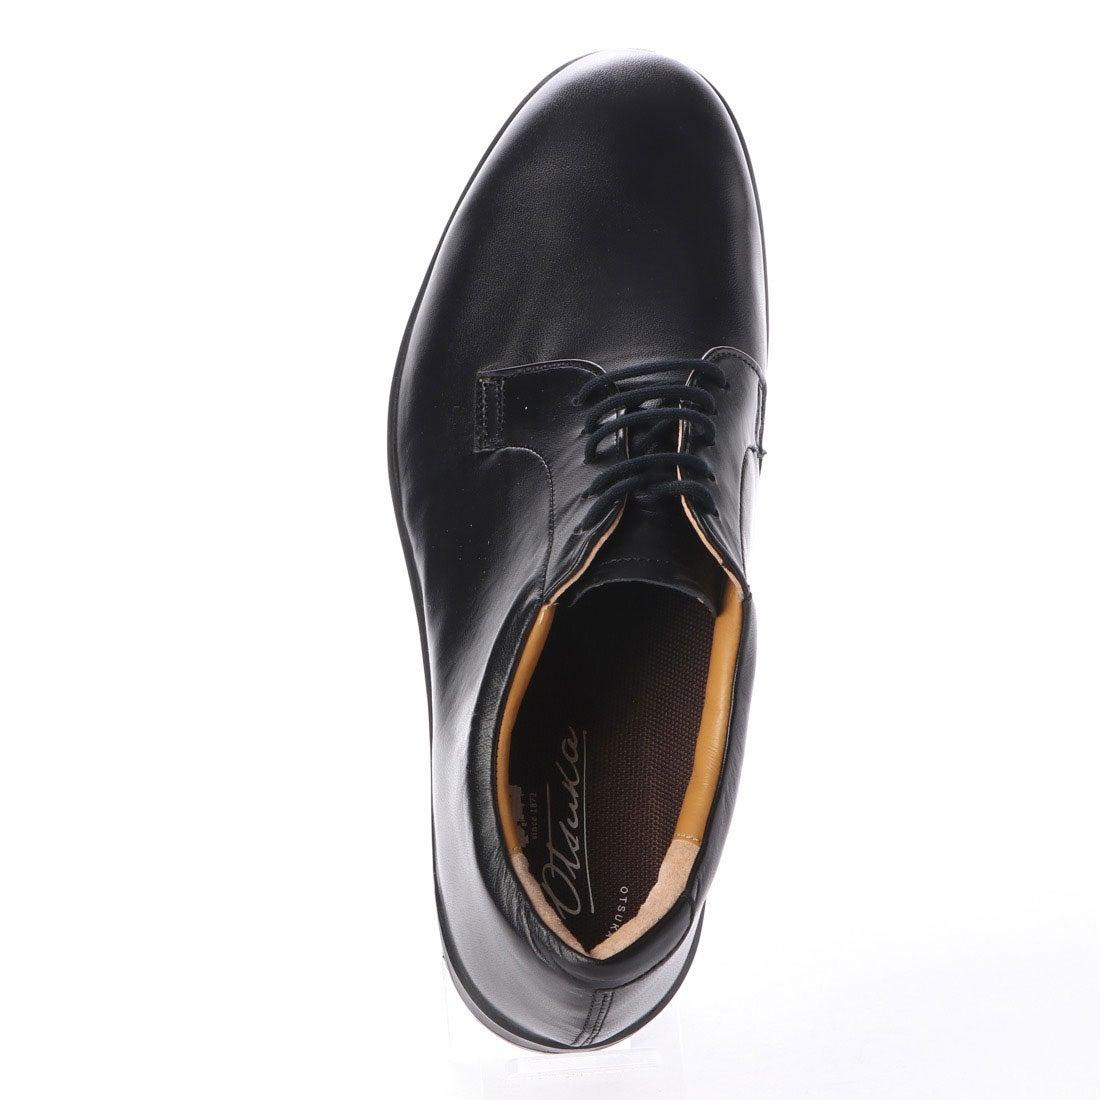 【大塚製靴 外羽根プレーントゥ OT-2013の画像コメント2】上から見た時も、なかなかの丸顔。捨て寸(つま先から先の空洞)も少な目で、ちょっと旧き良き時代を思わせますね。